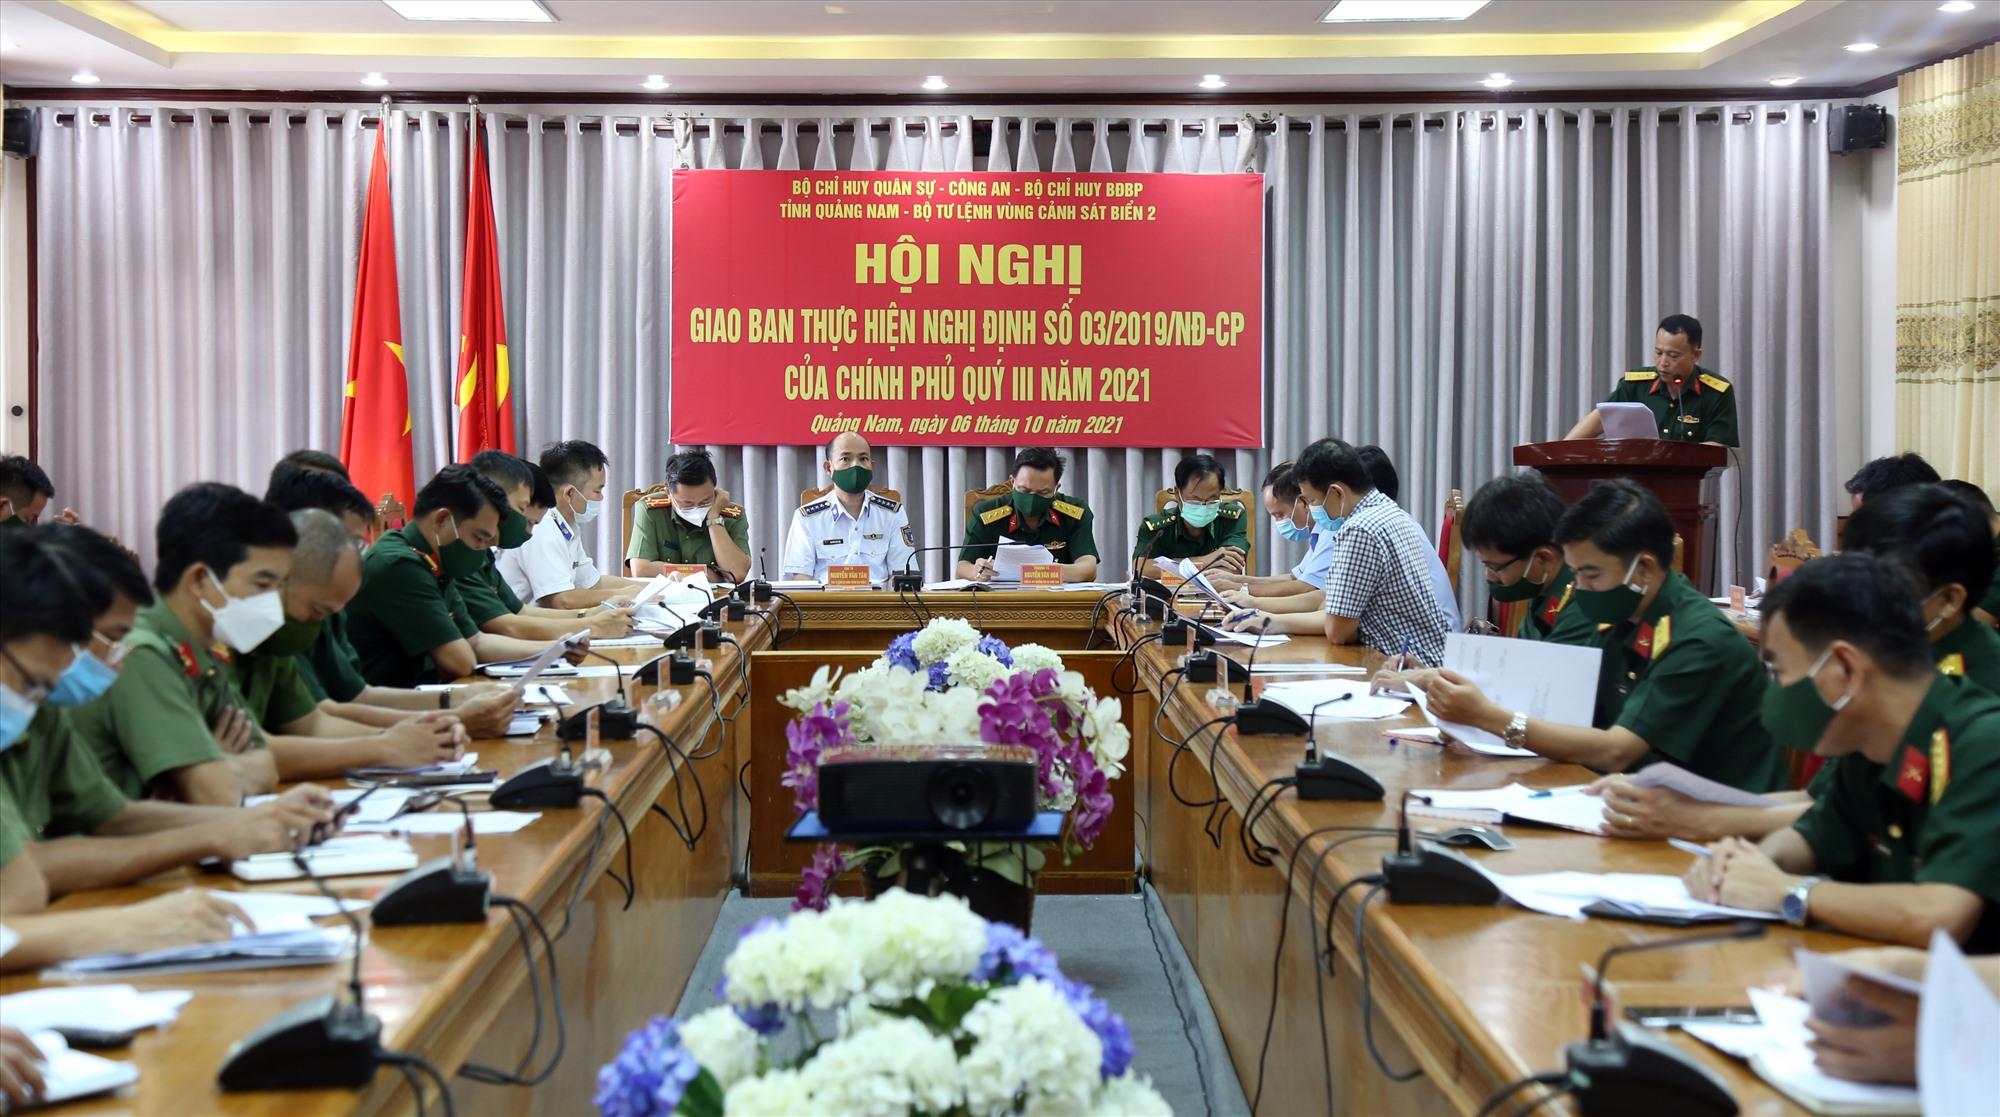 Các lực lượng Công an, Quân sự, Bộ đội Biên phòng và Cảnh sát biển giao ban thực hiện Nghị định 03 của Chính phủ. Ảnh: T.C